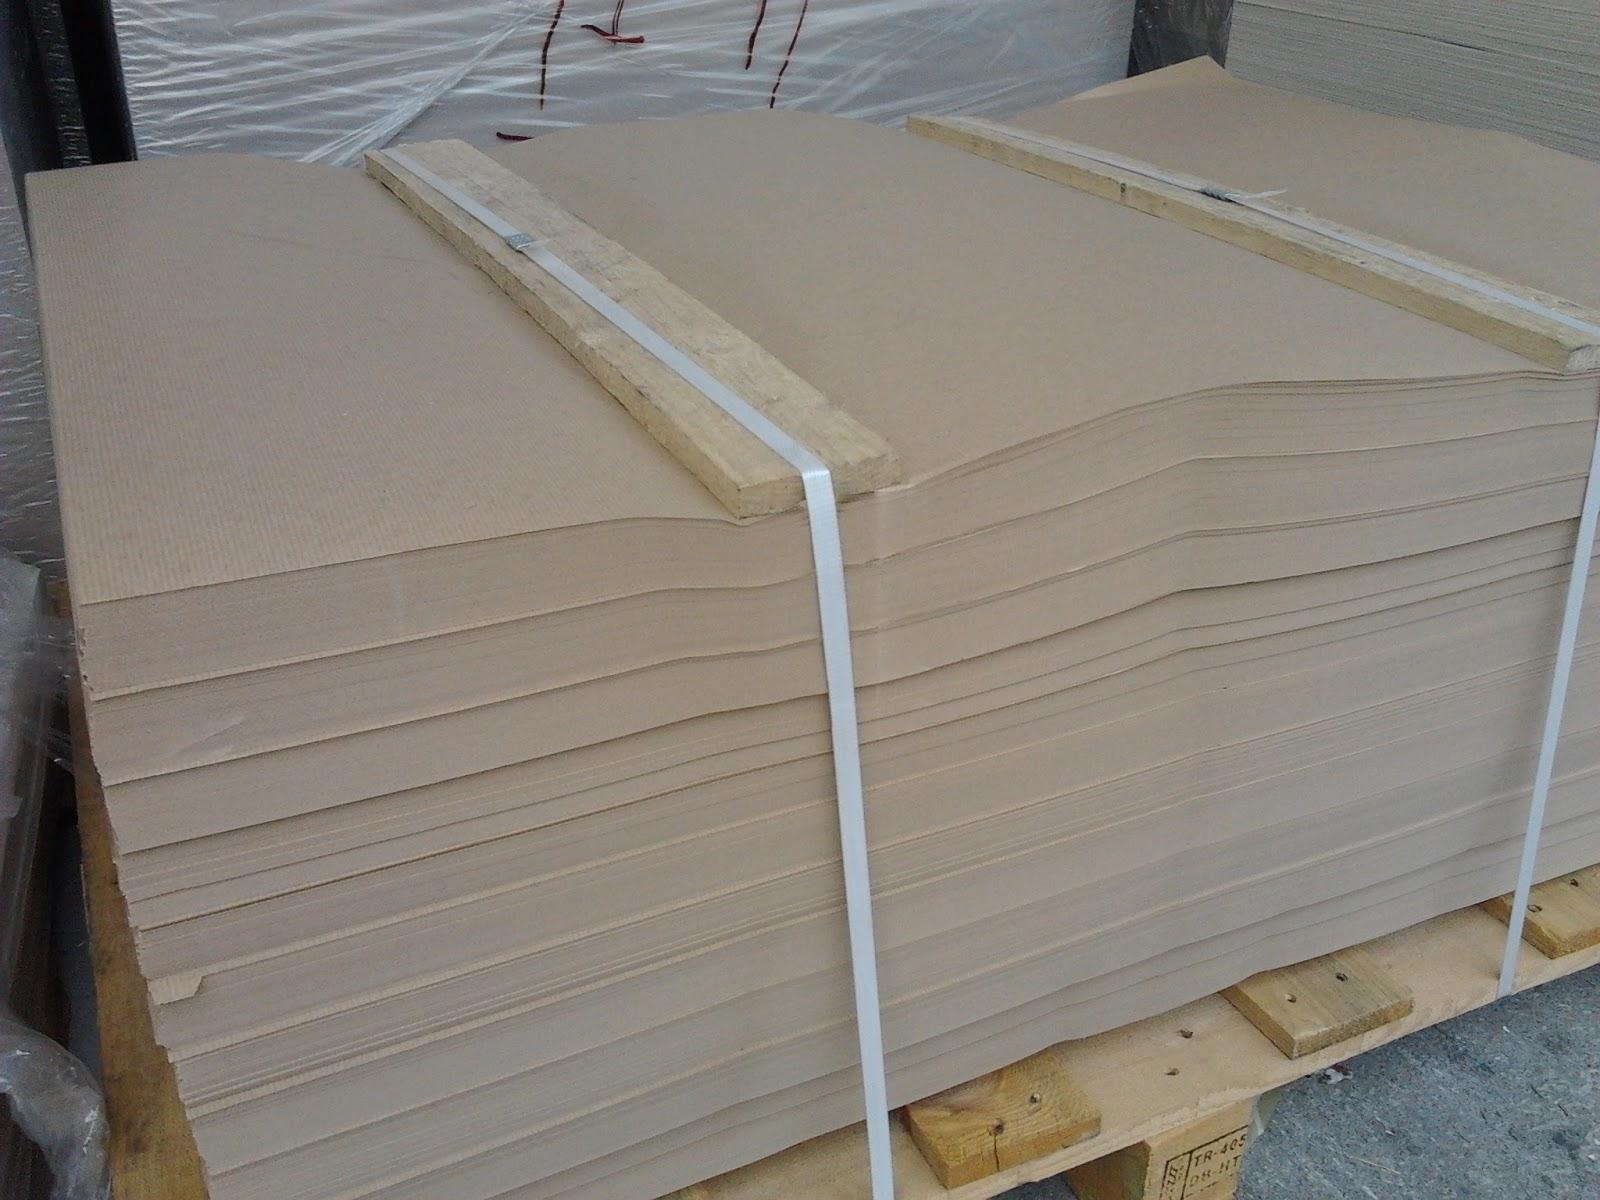 papel kraft en hojas, formatos, 60/75/100/300 gramos